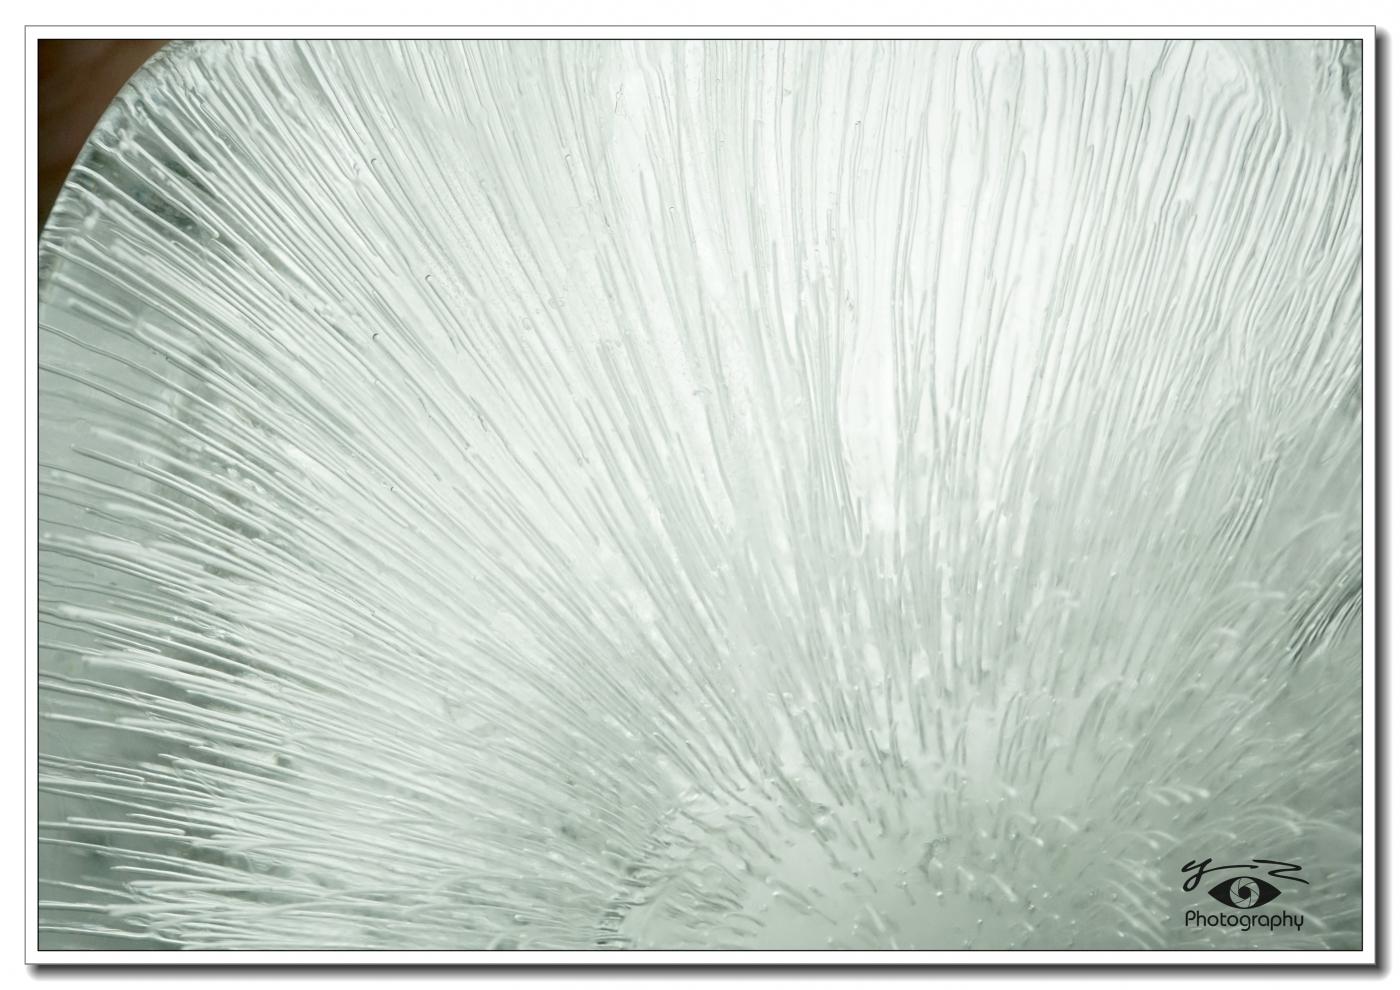 【相机人生】冰的解析之一(491)_图1-6